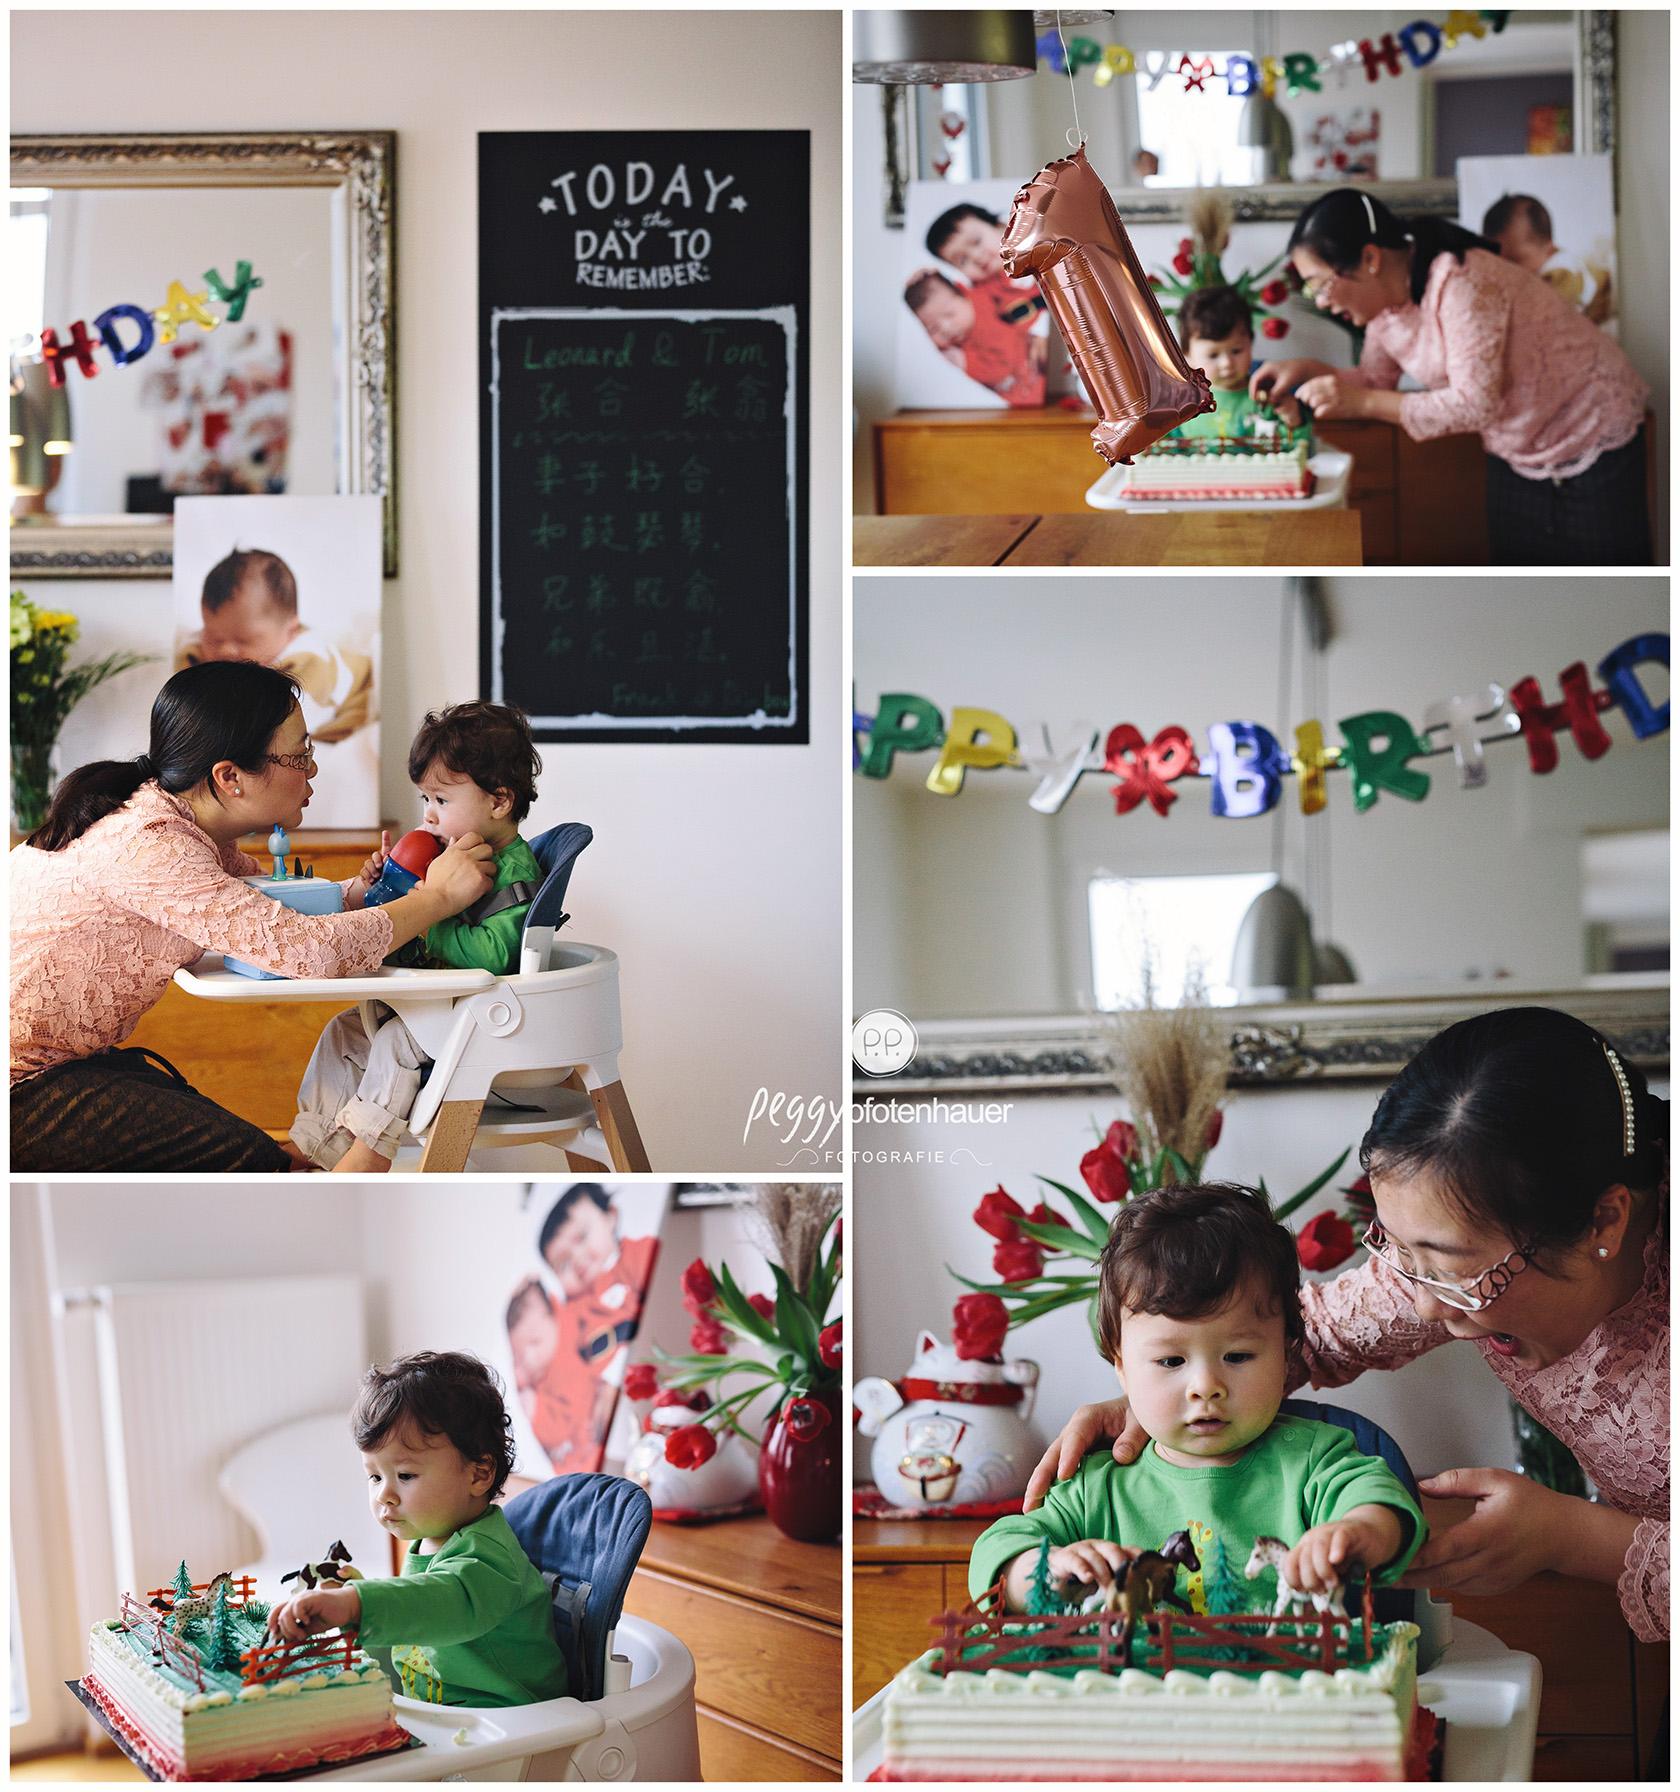 1. Geburtstag Fotoshootings